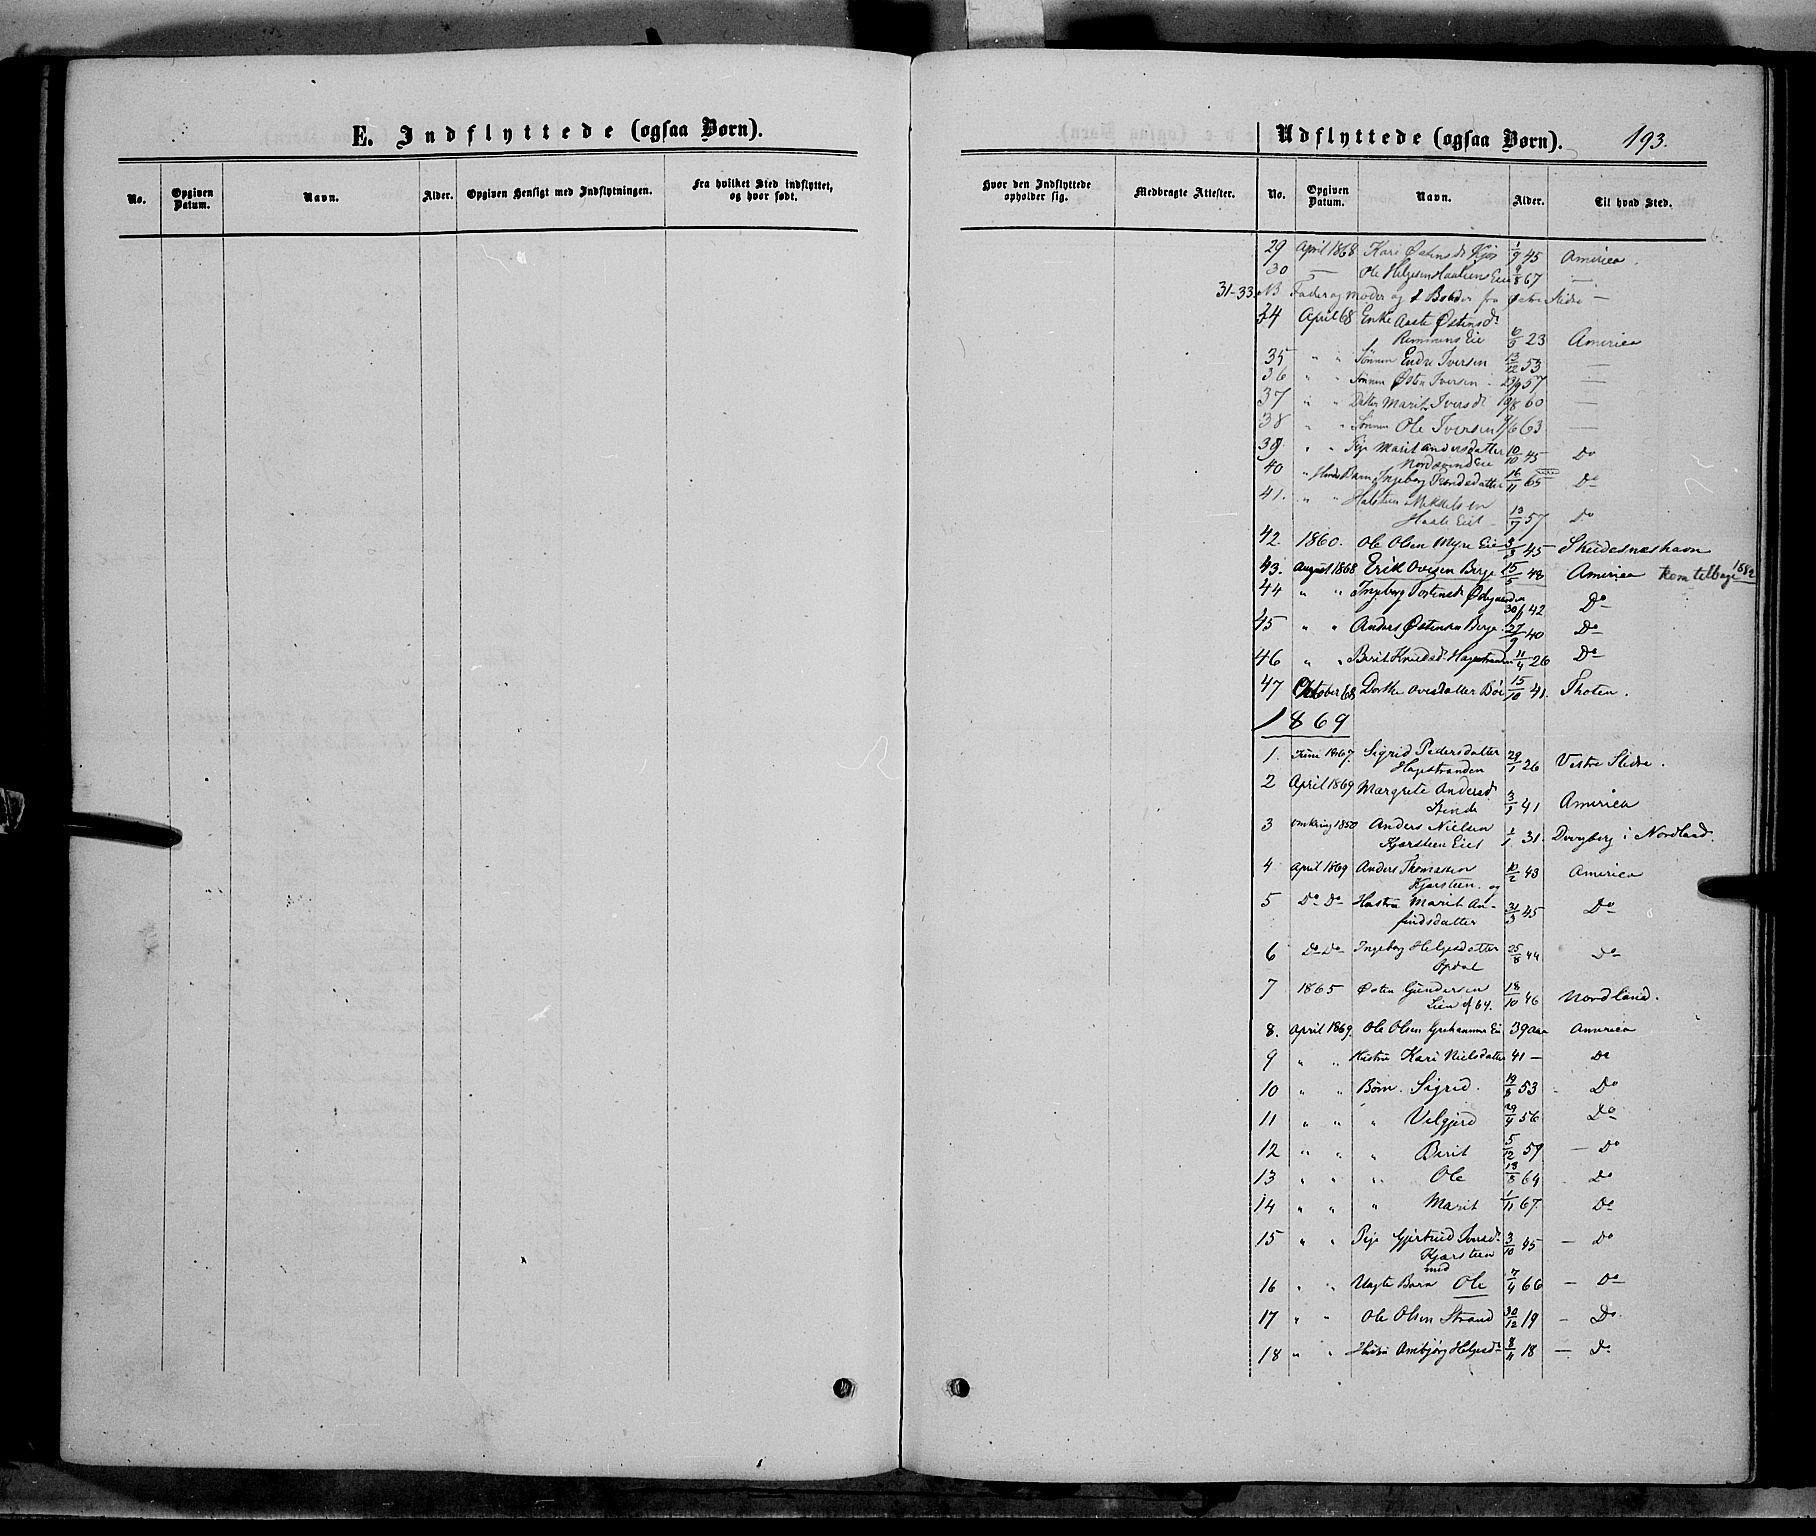 SAH, Vang prestekontor, Valdres, Ministerialbok nr. 7, 1865-1881, s. 193